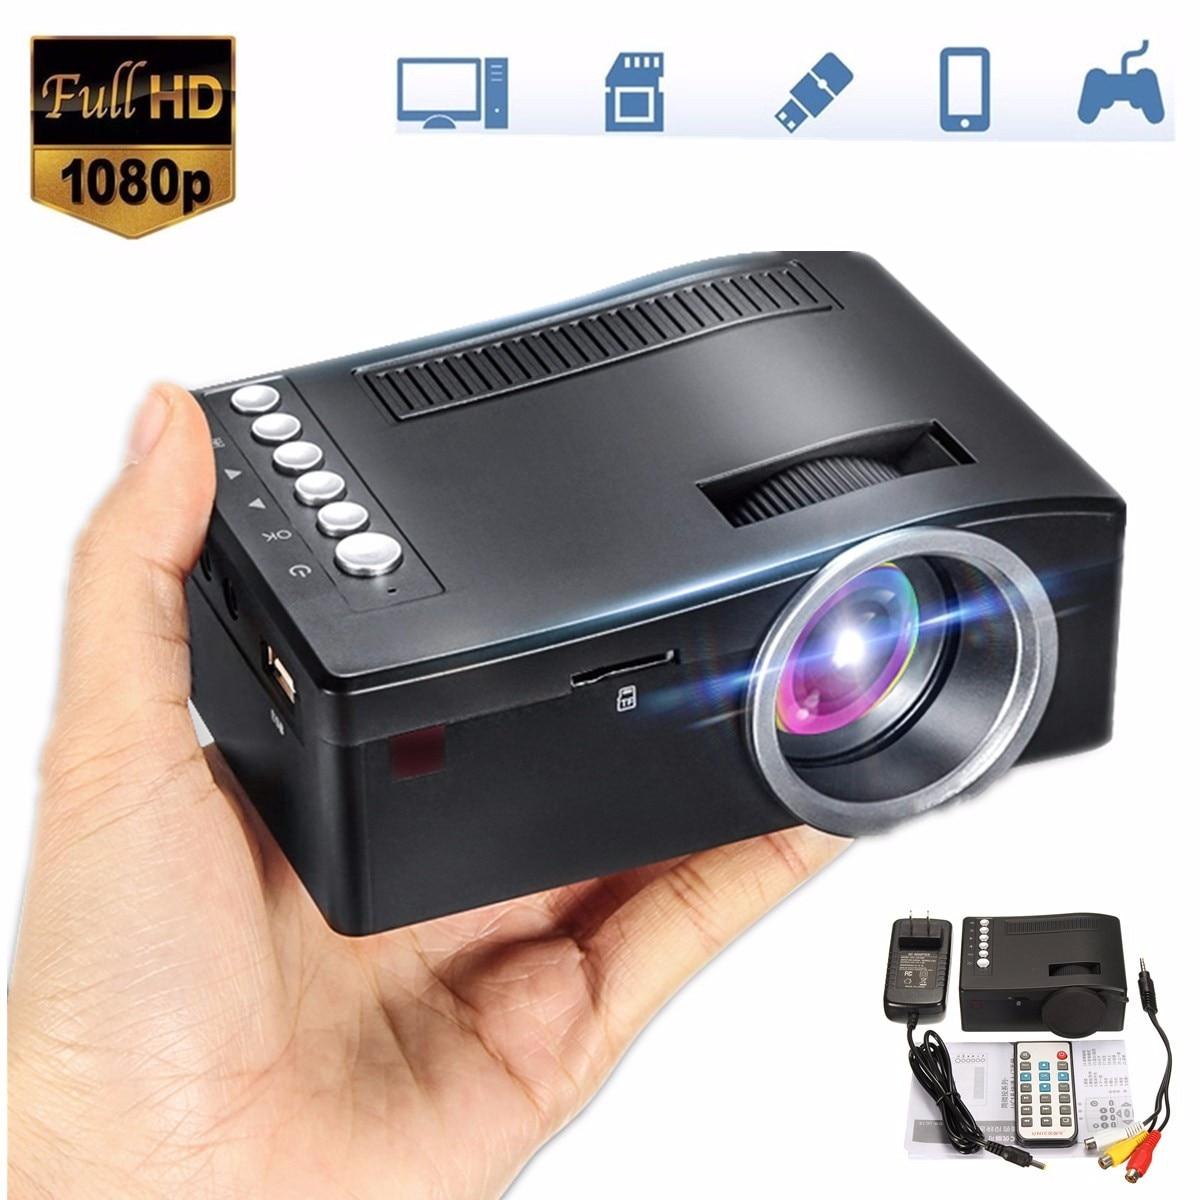 Mini cinéma Home cinéma système 1080 P HD multimédia projecteur TV AV USB TF HDMI PC LED numérique maison projecteur maison